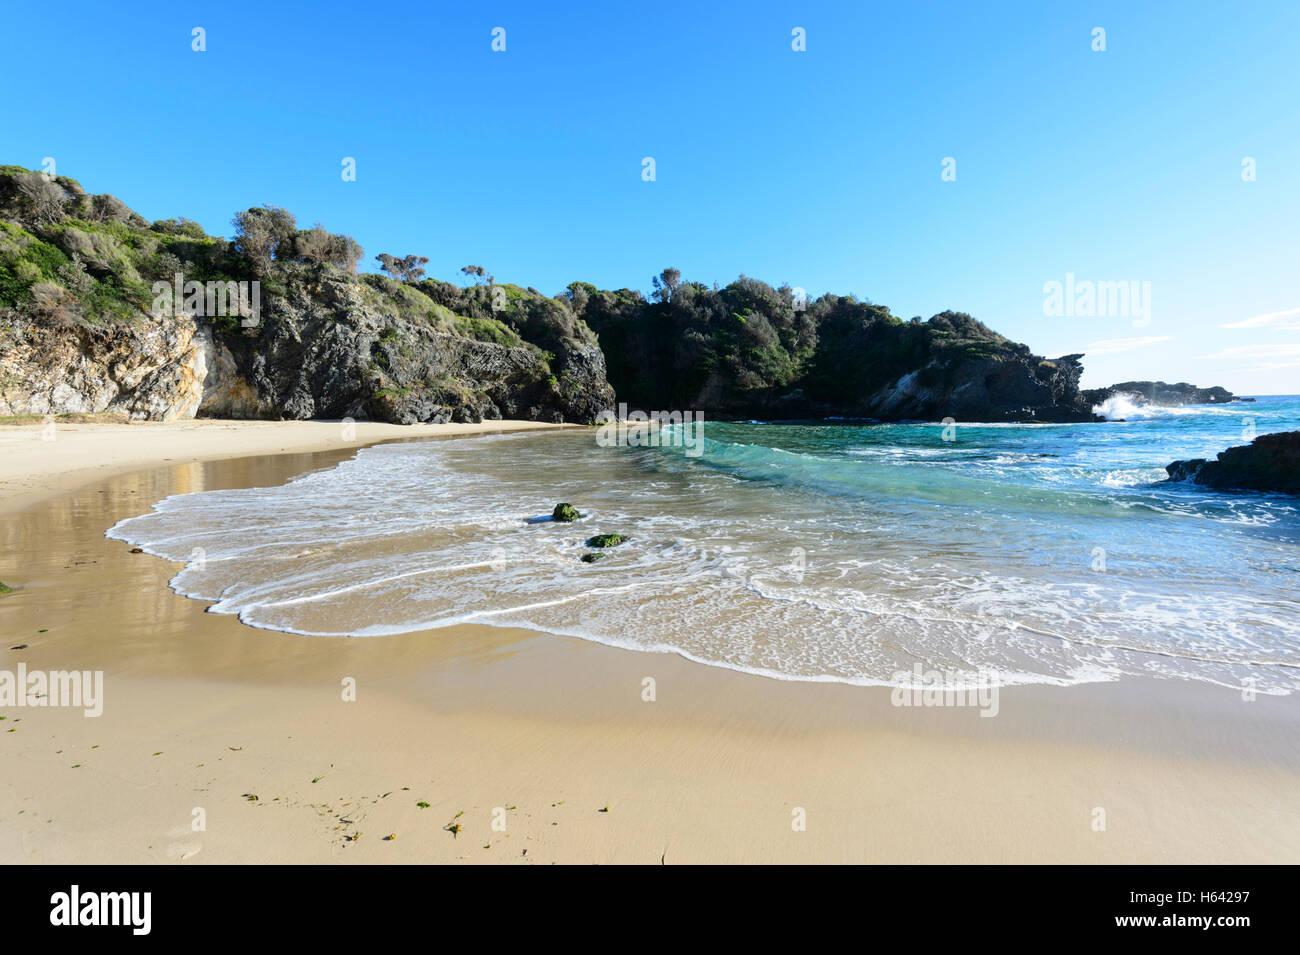 L'estremità nord della spiaggia per il surf, Narooma, Nuovo Galles del Sud, NSW, Australia Immagini Stock